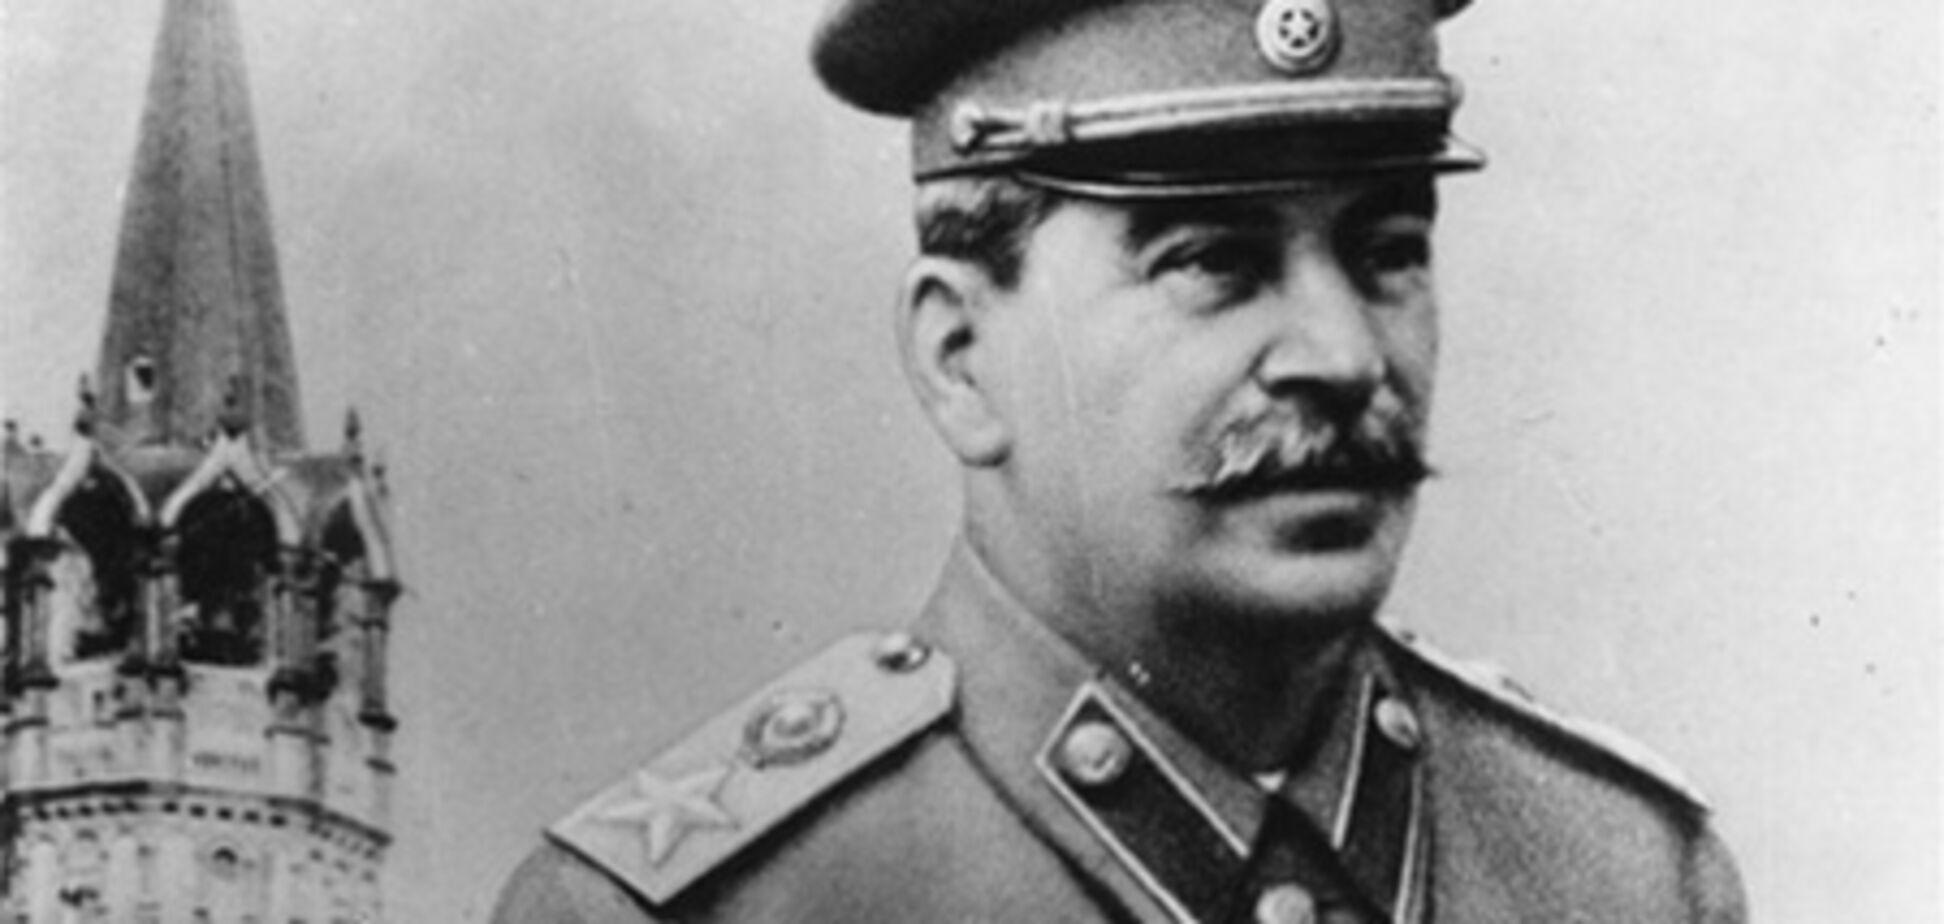 Внук Сталина пытается быть похожим на деда. Фото